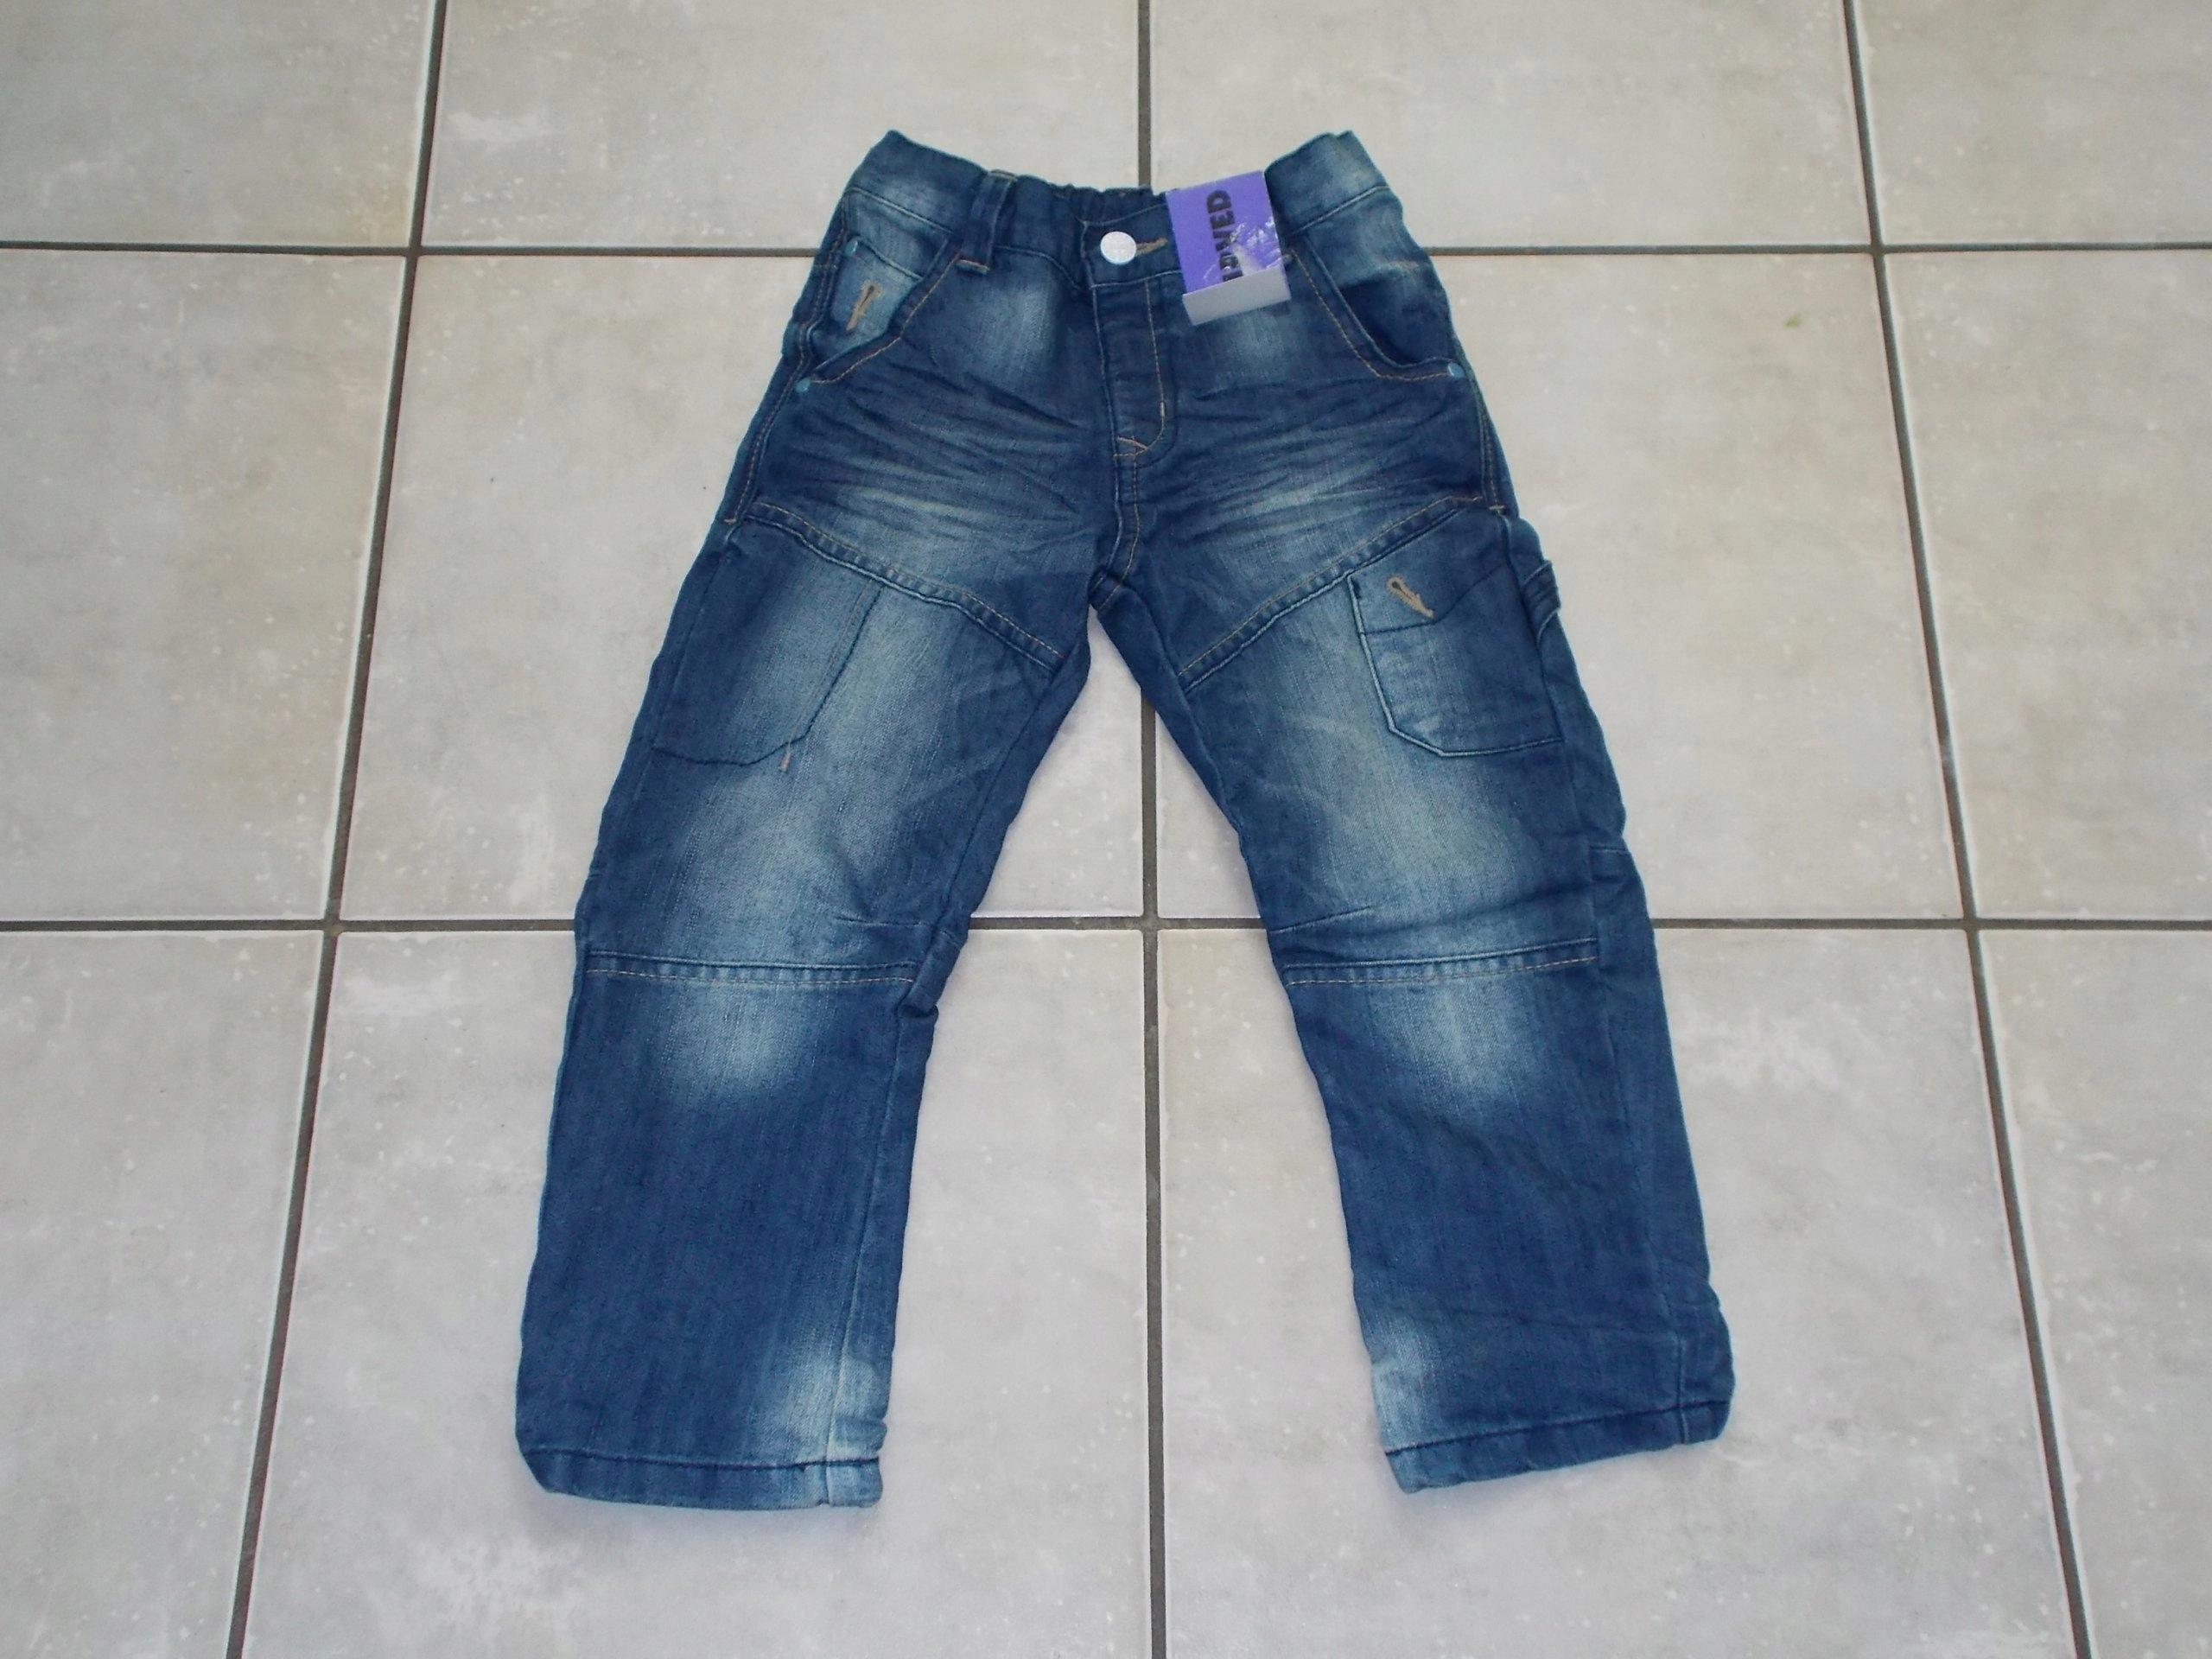 594feedad GEORGE*jeans SPODNIE rozm 4-5 lat nowe - 7551151096 - oficjalne ...